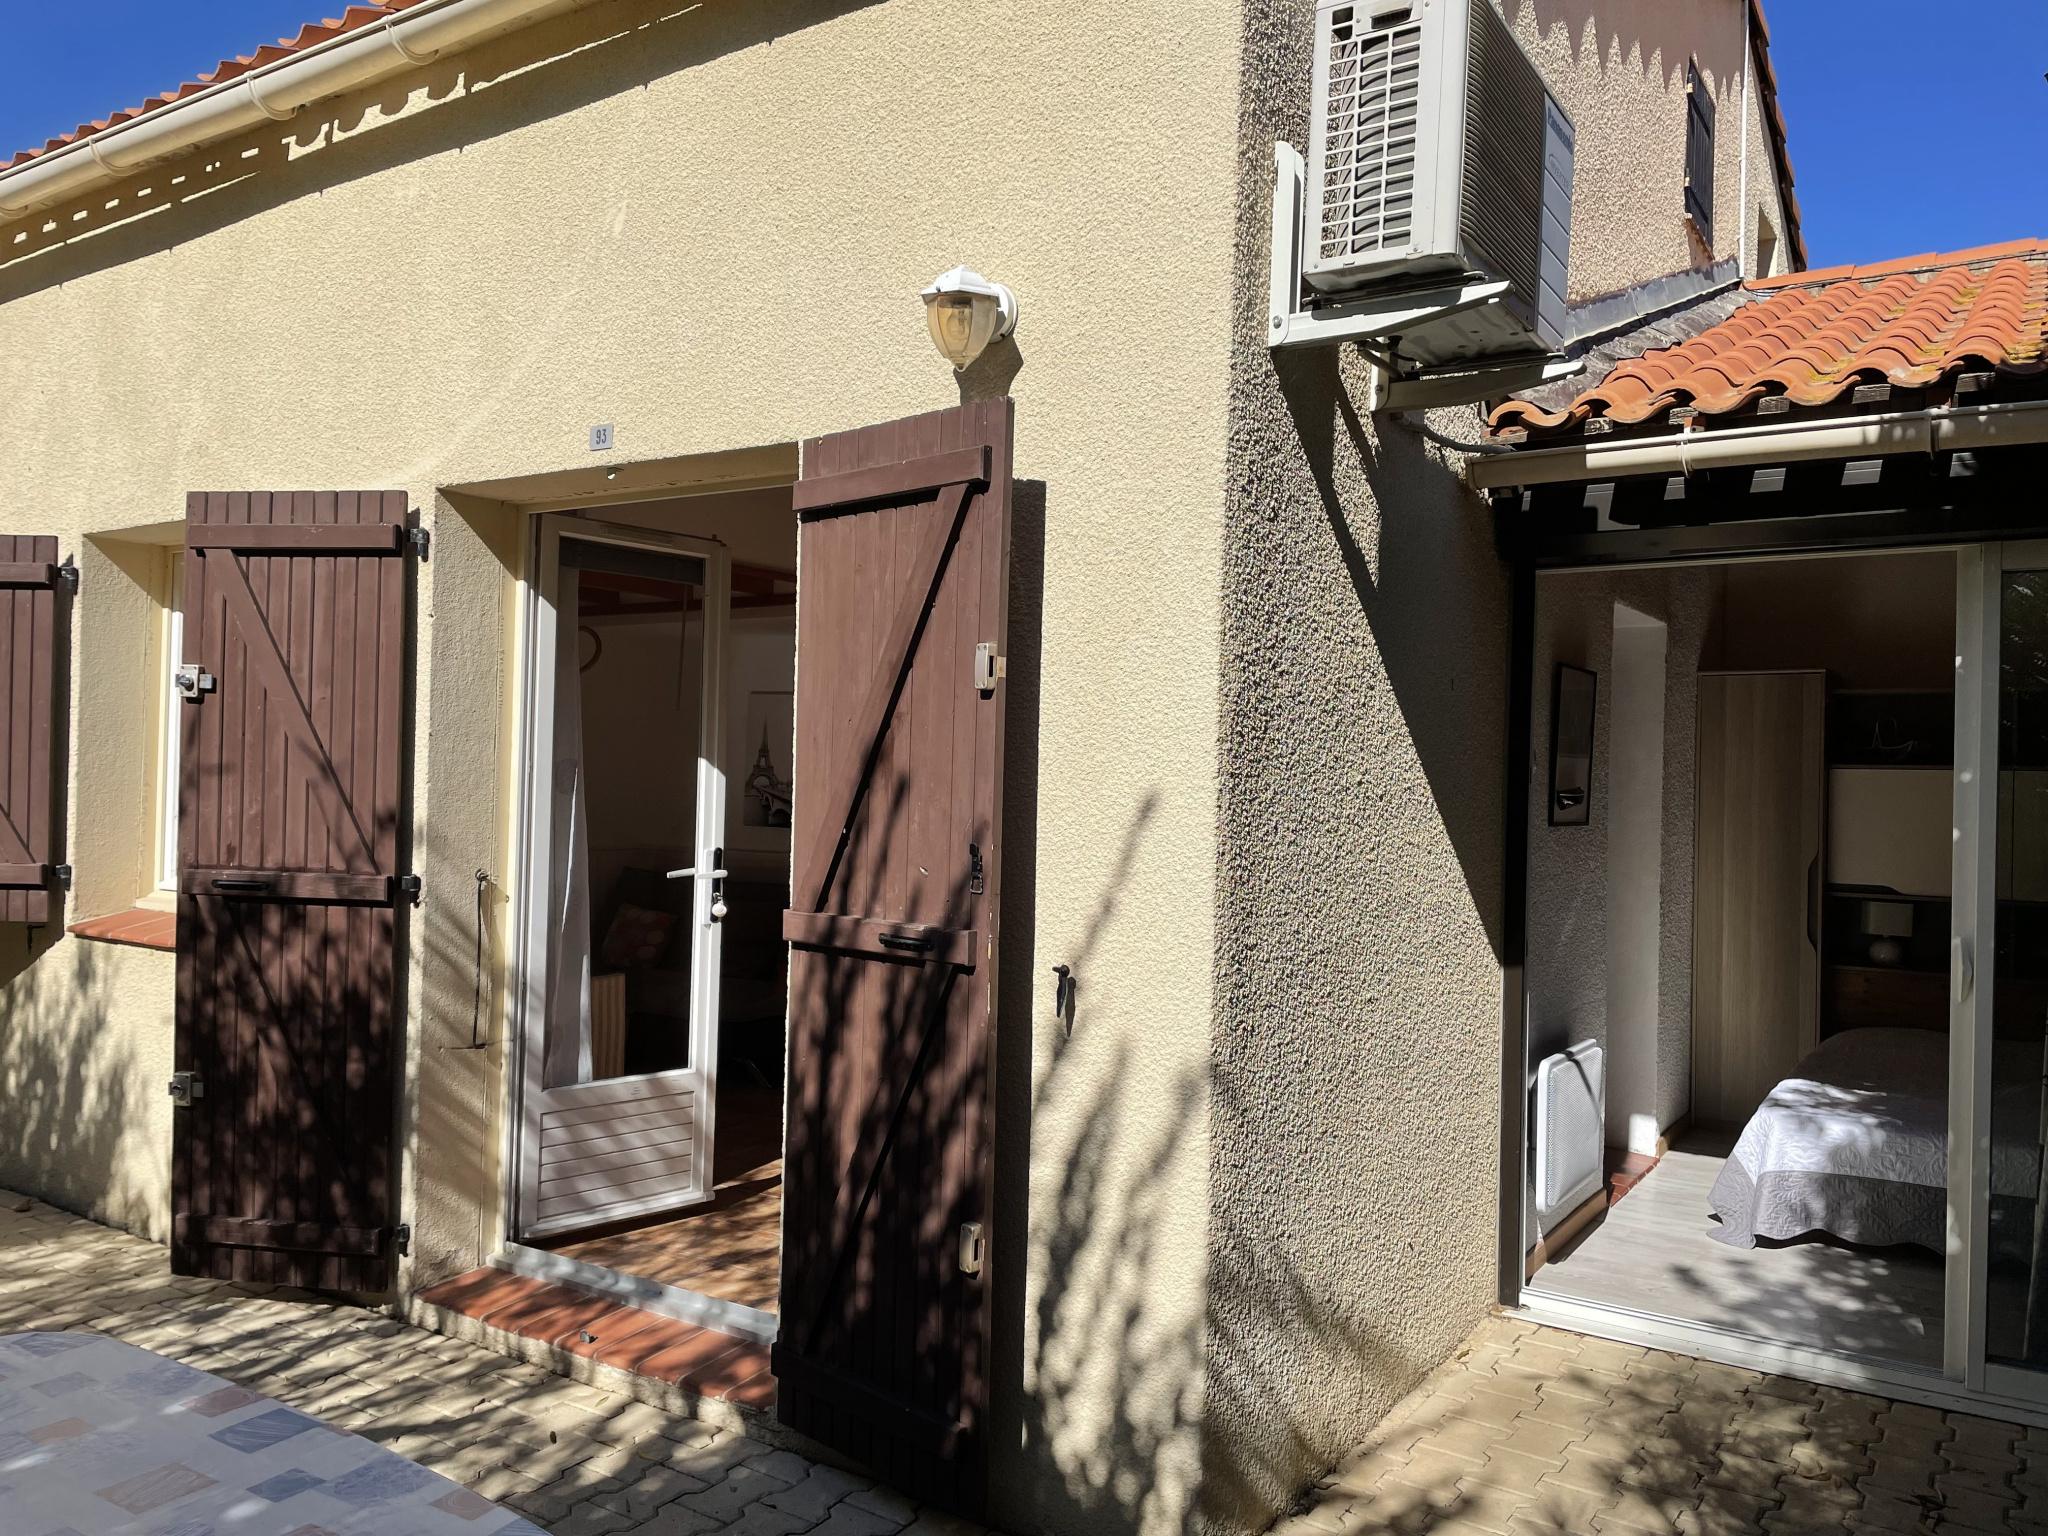 À vendre maison/villa de 44m2 à argeles plage (66700) - Photo 2'